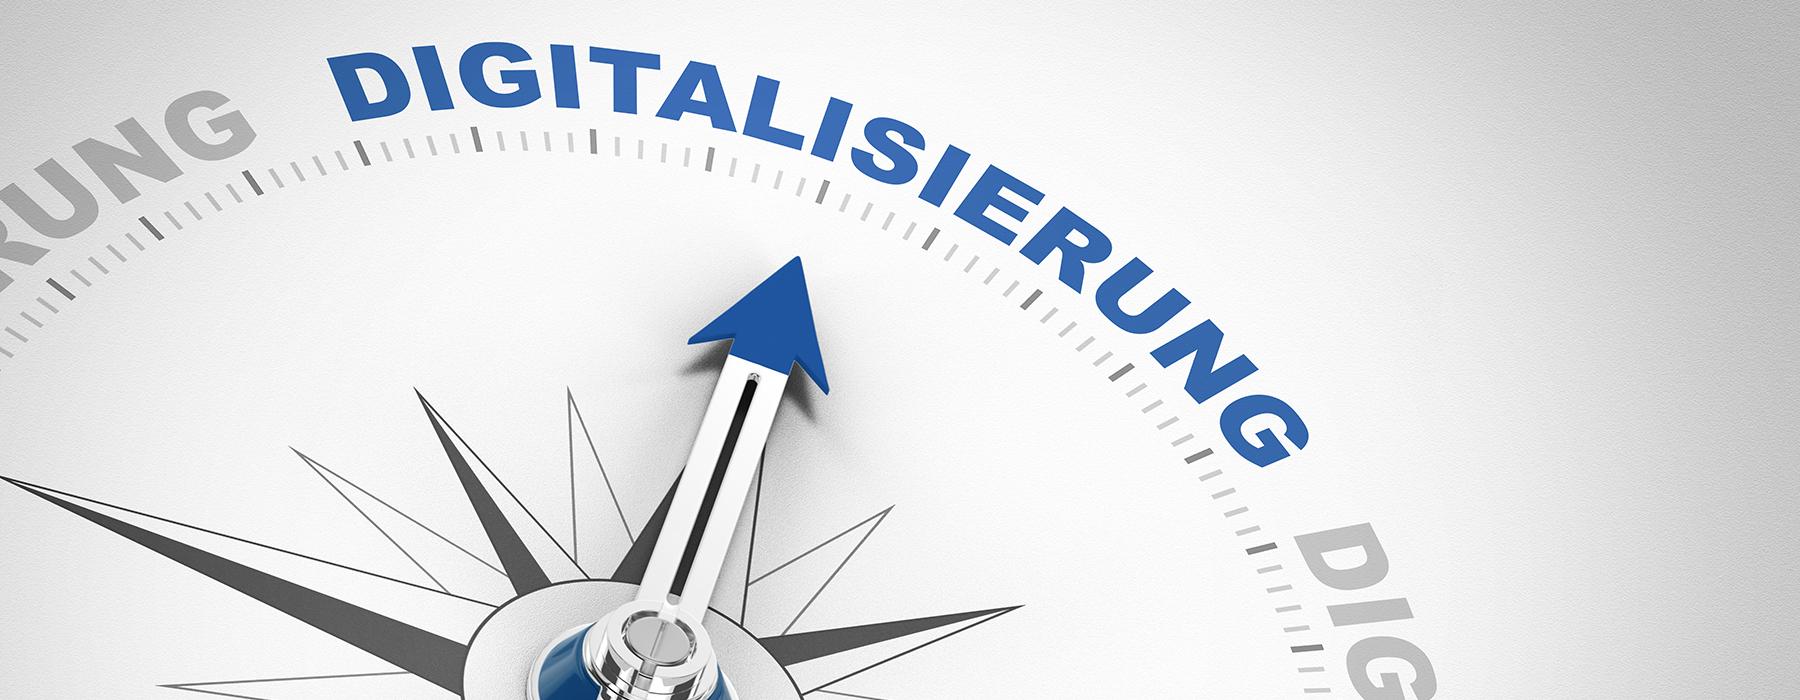 Digitalisierung bei uns: Auftragswesen online, Unternehmen online und ersetzendes Scannen